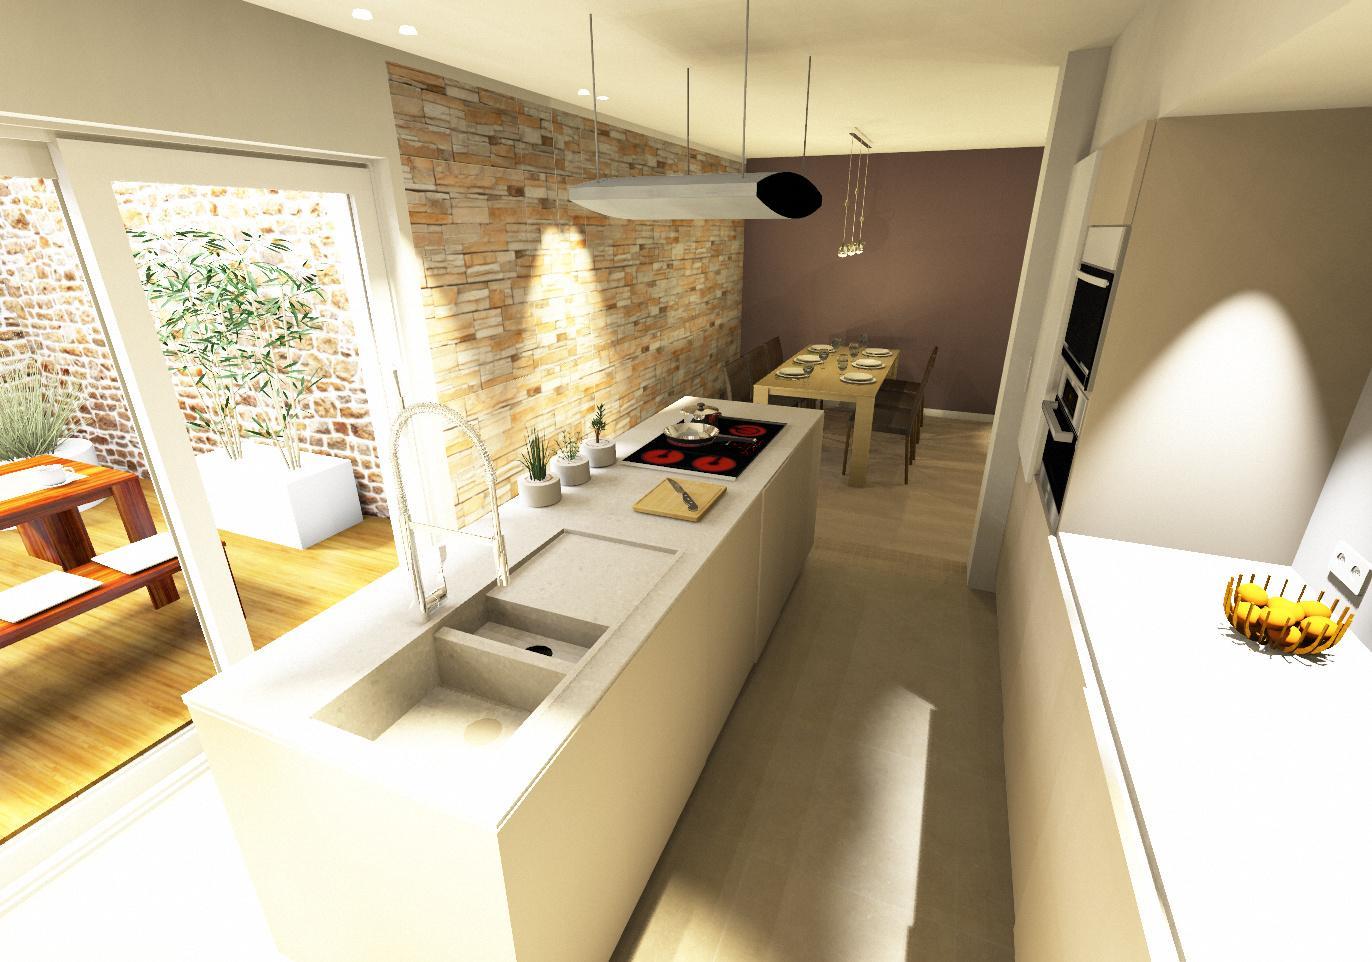 Entwurf Küche Essen 21 innenarchitektur ©Flohs Wohnr...